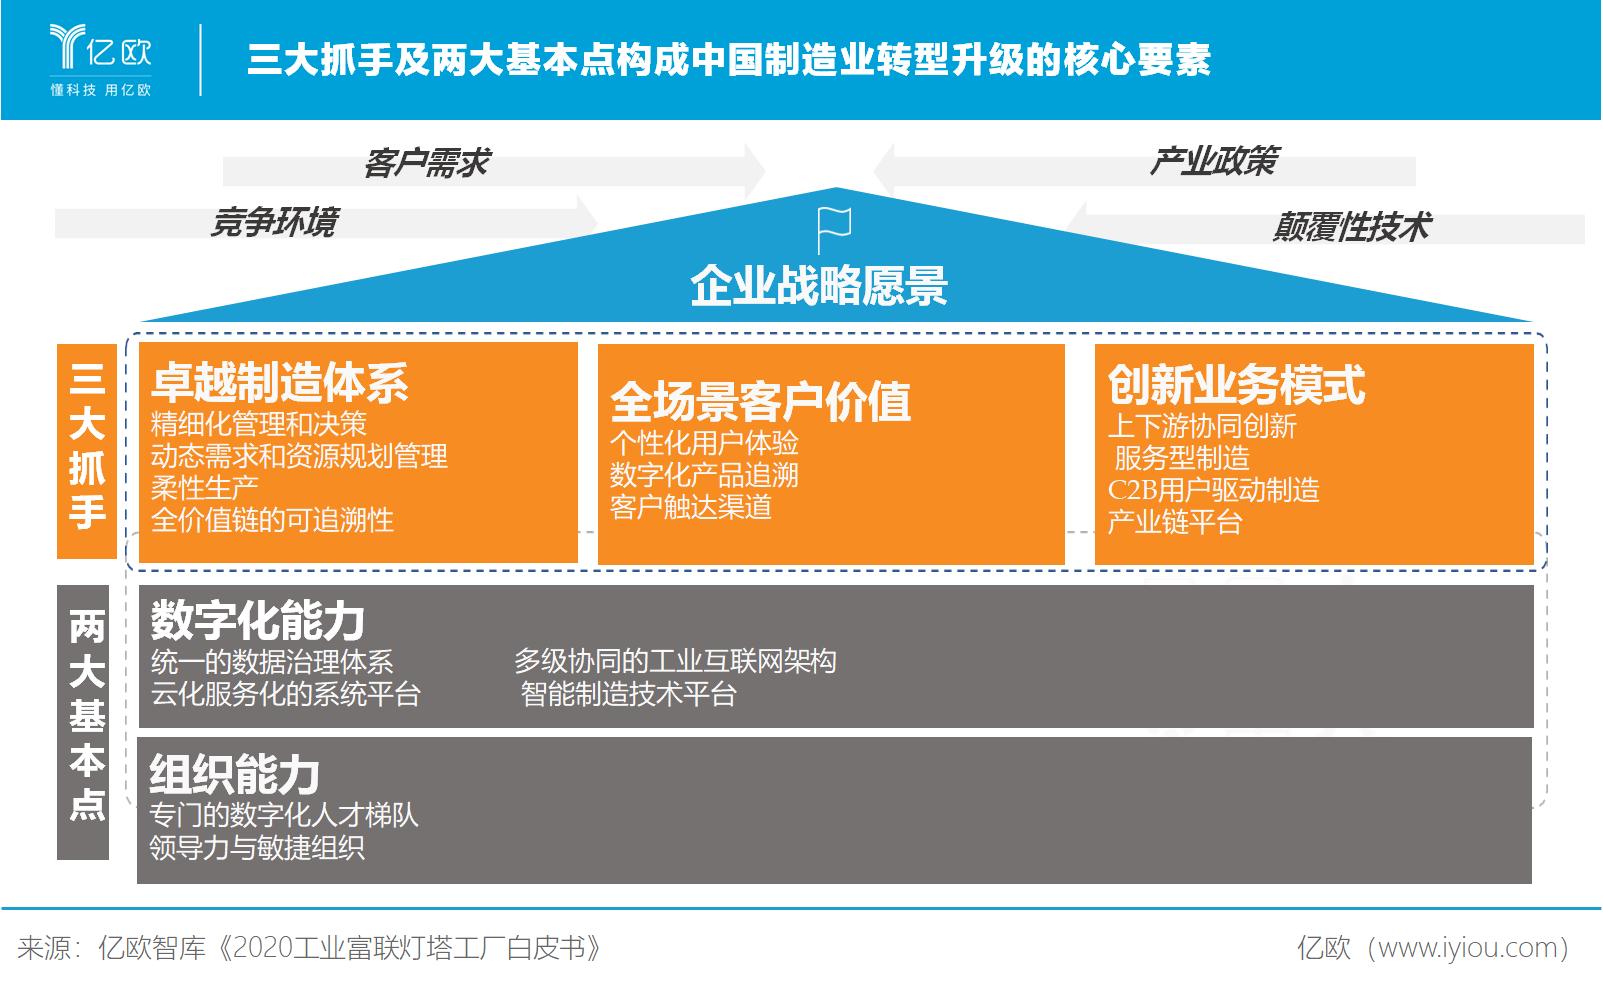 必赢亚州366net智库:中国制造业转型升级的核心要素